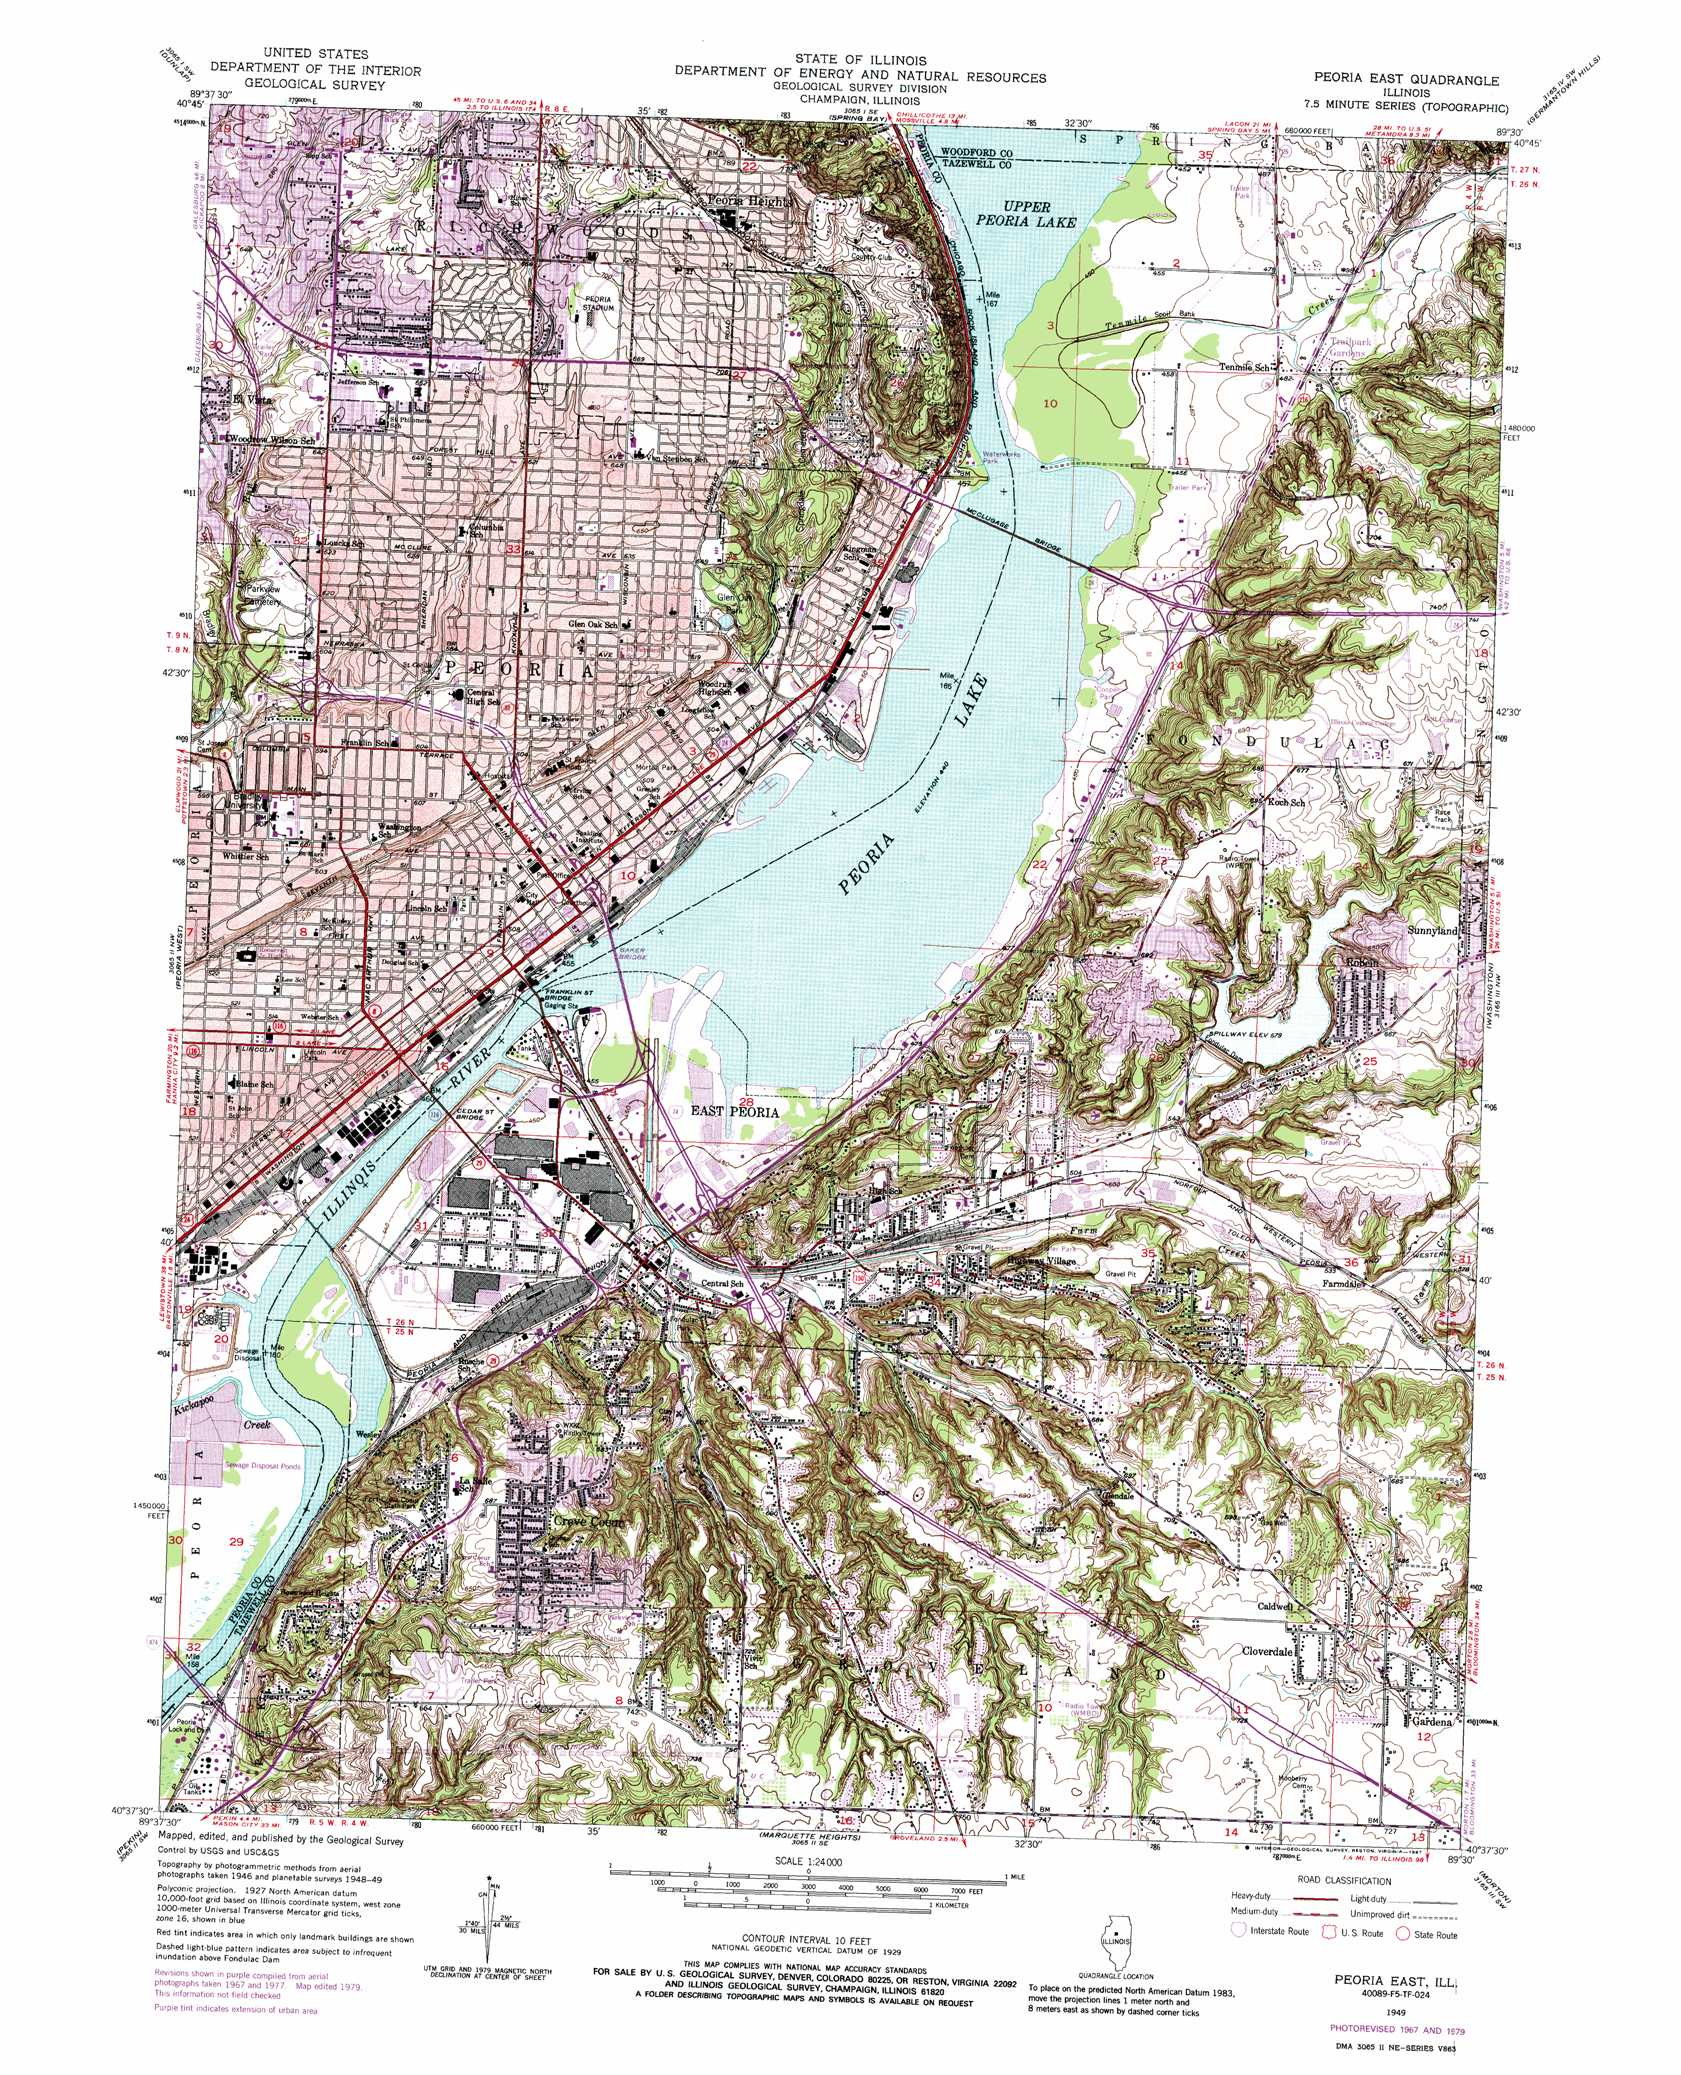 Peoria East Topographic Map IL  USGS Topo Quad 40089f5